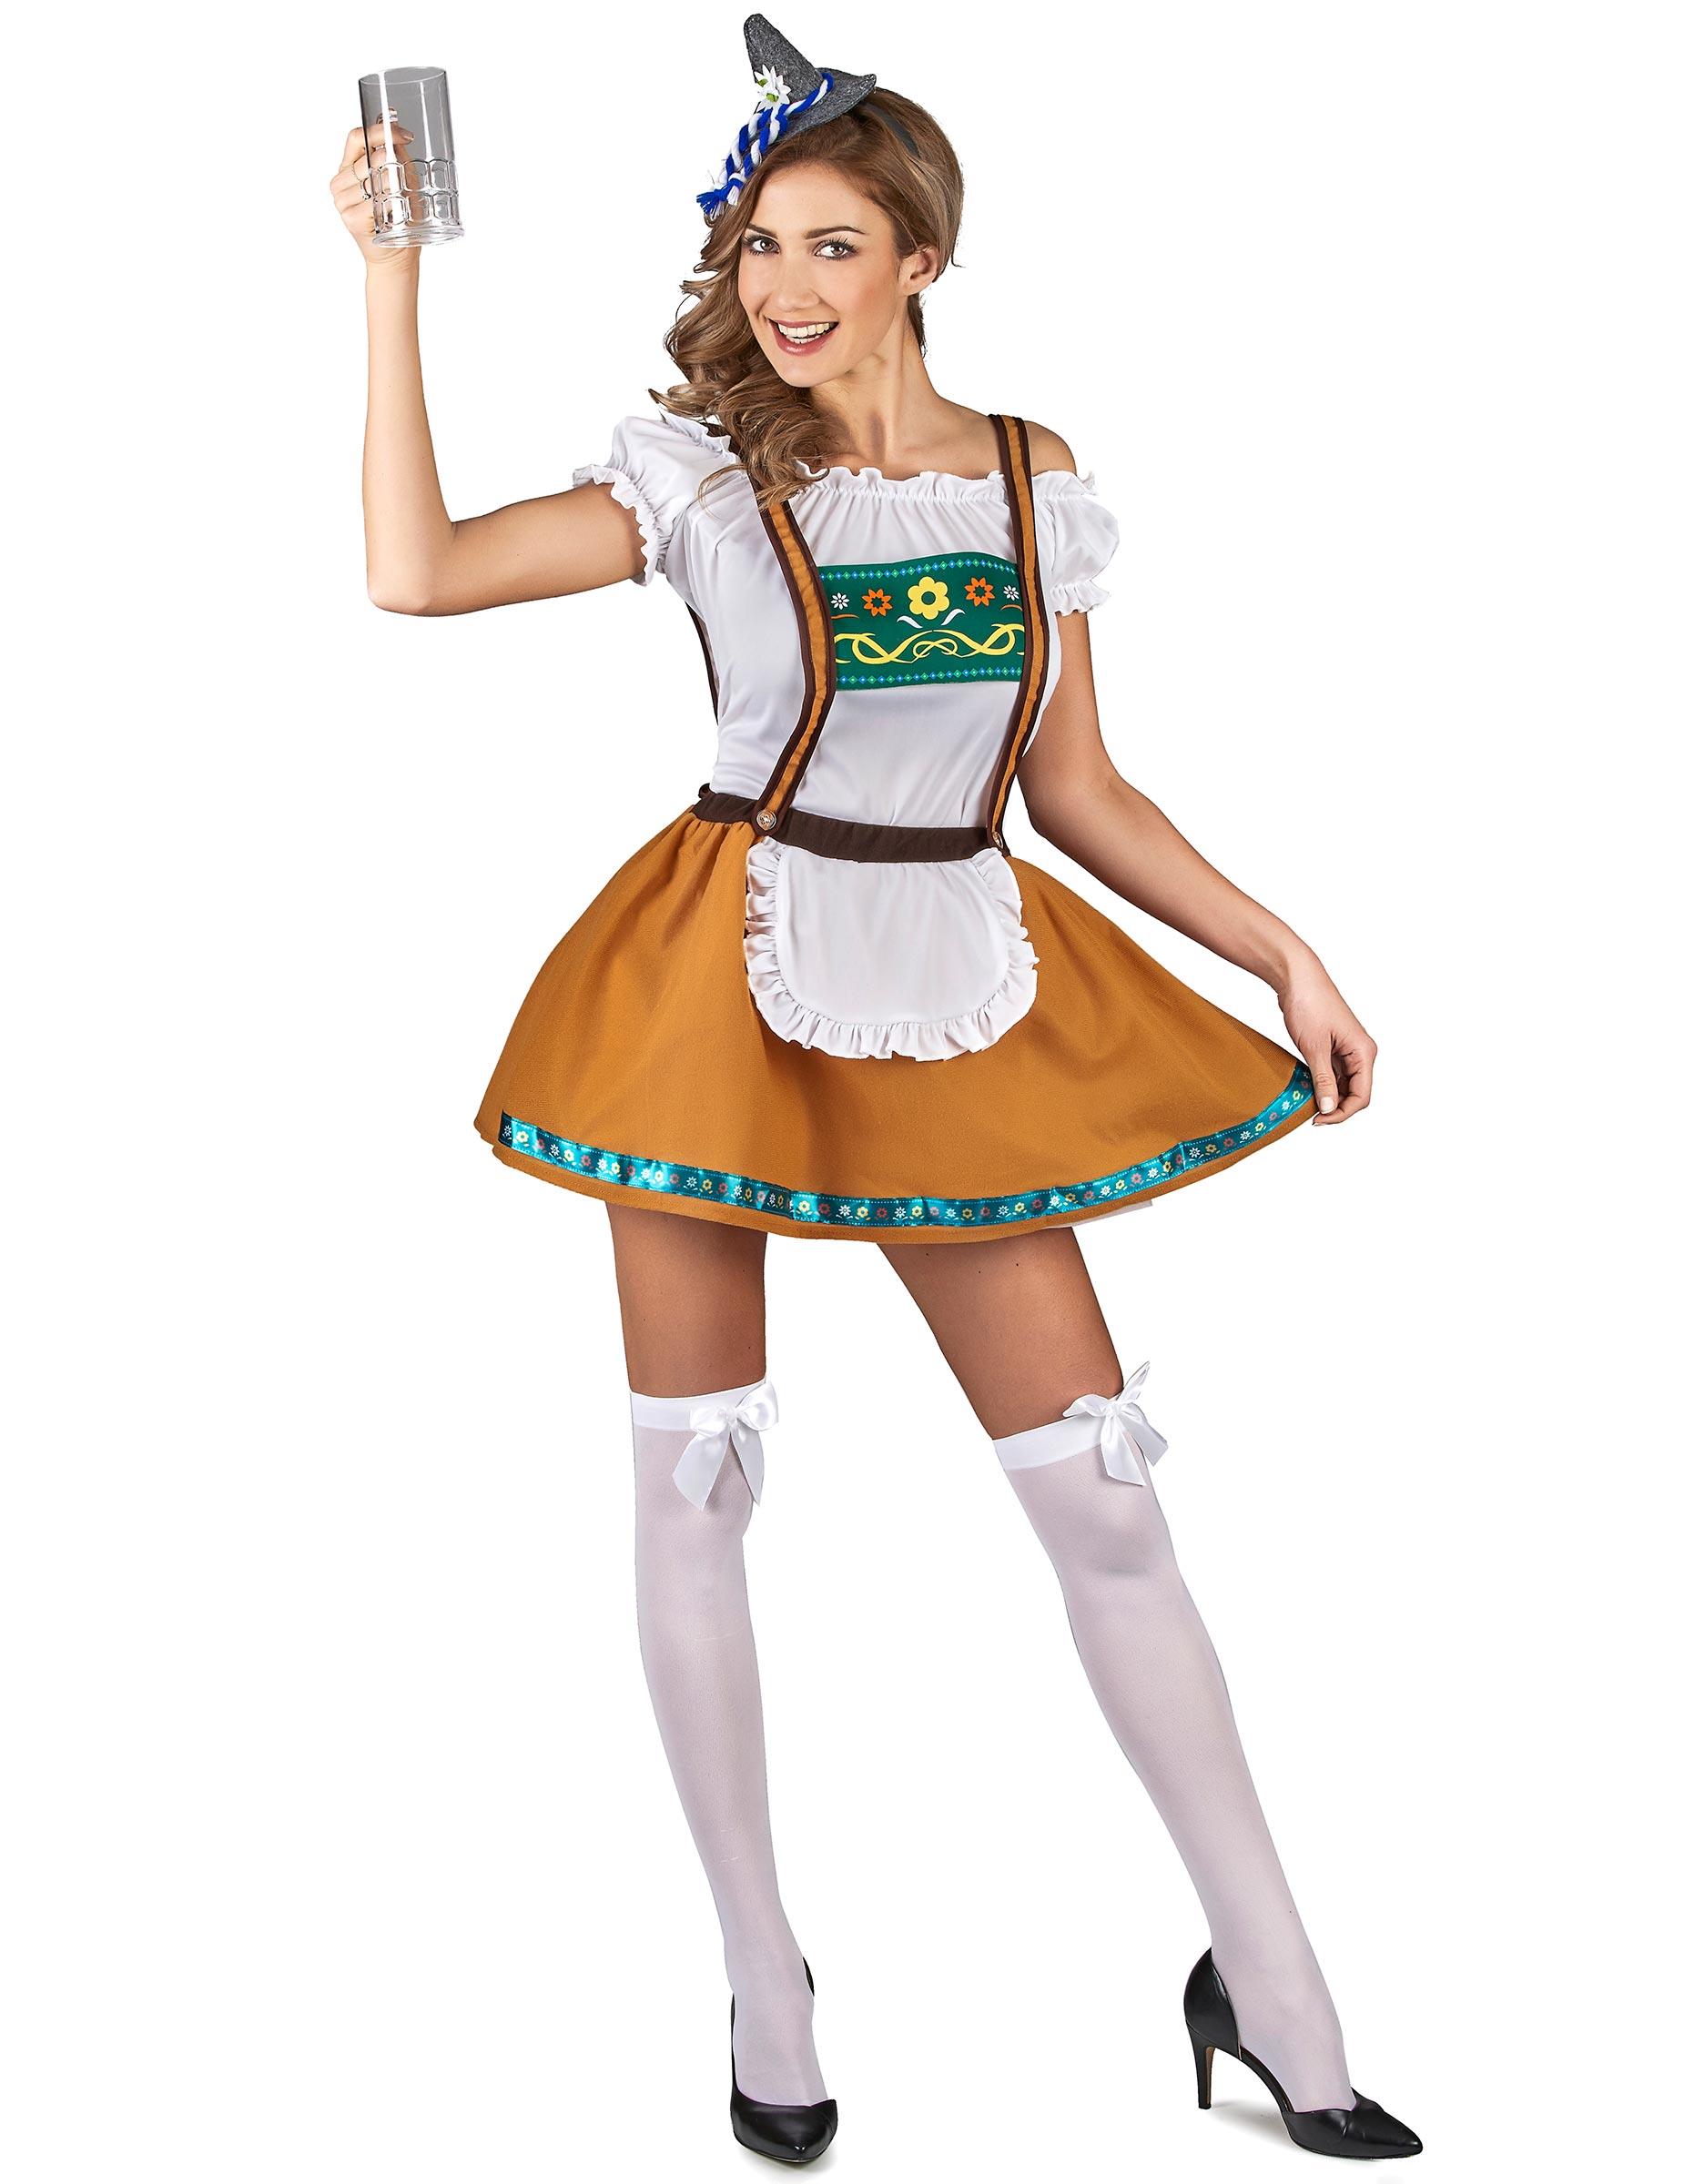 d9031951029941 Süsses Bayerisches Dirndl Kostüm für Damen braun-weiss-grün ...